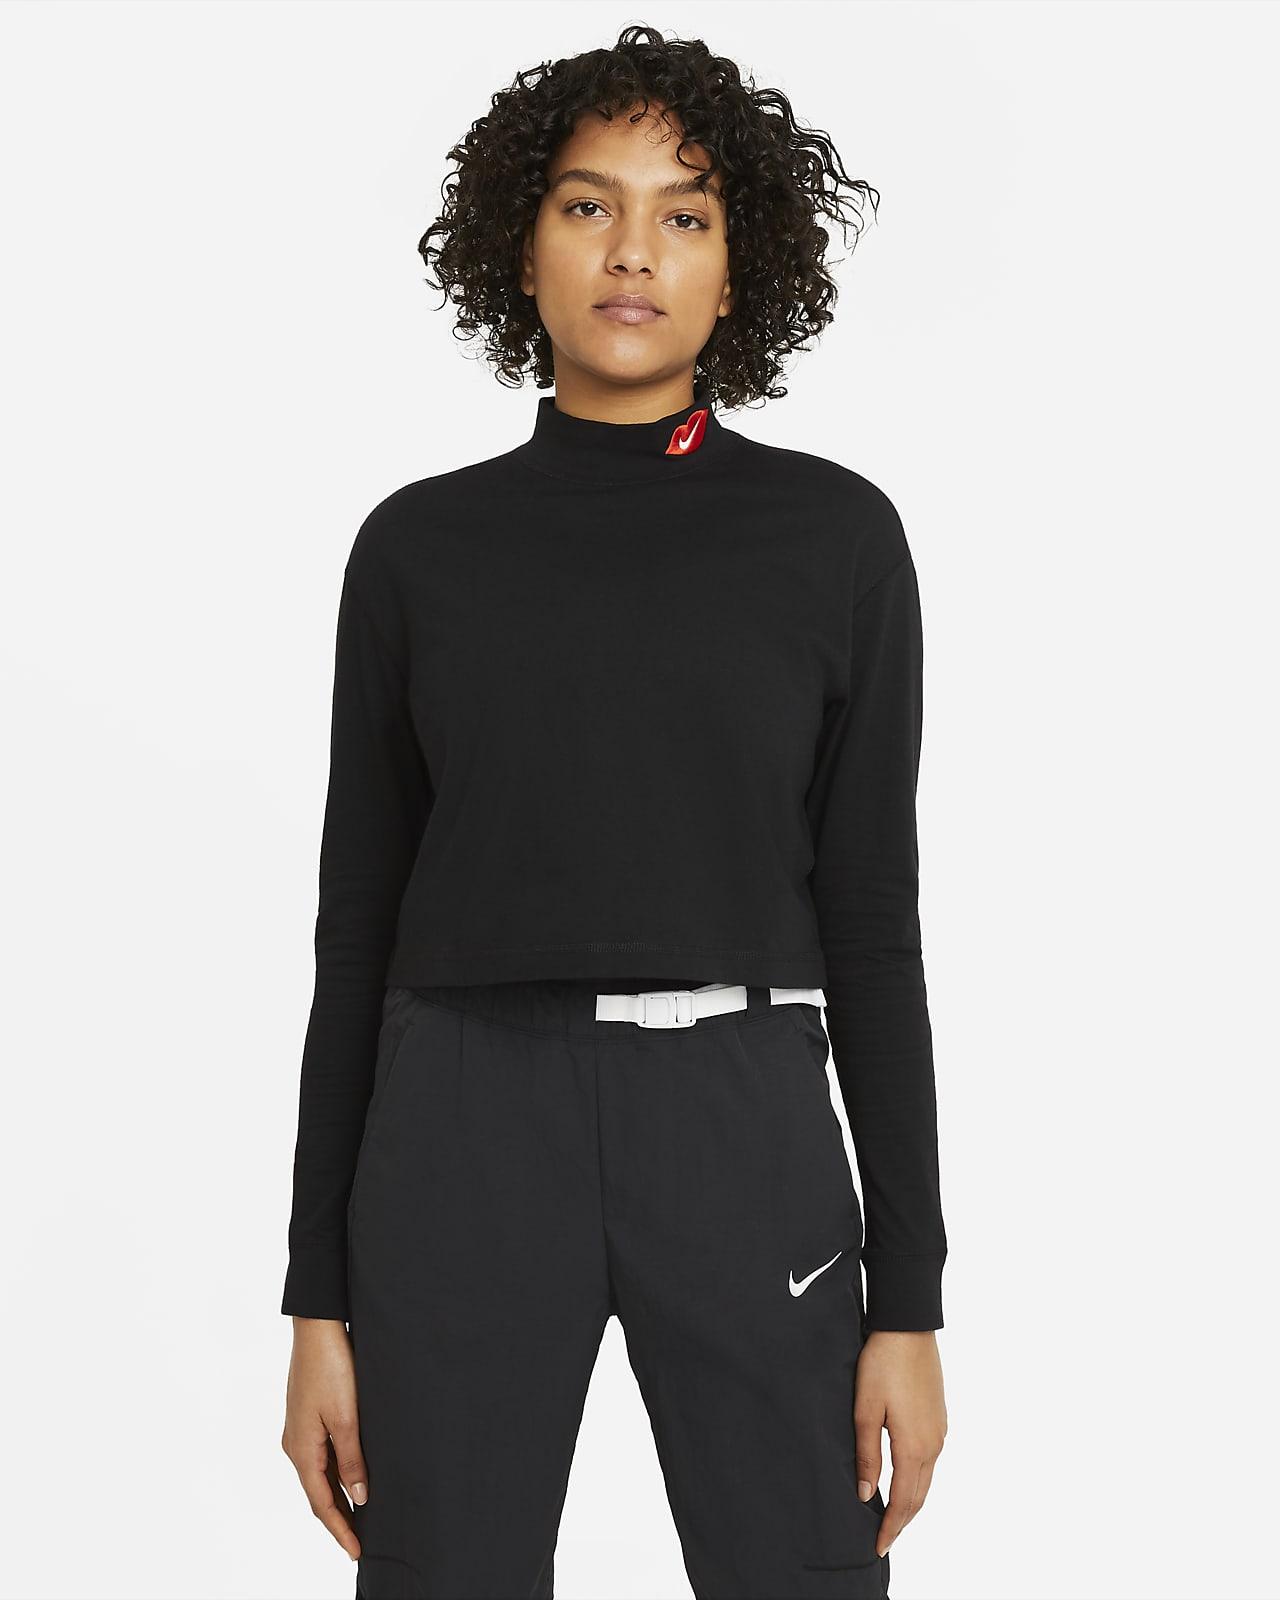 Nike Sportswear Langarm-T-Shirt mit Stehkragen für Damen